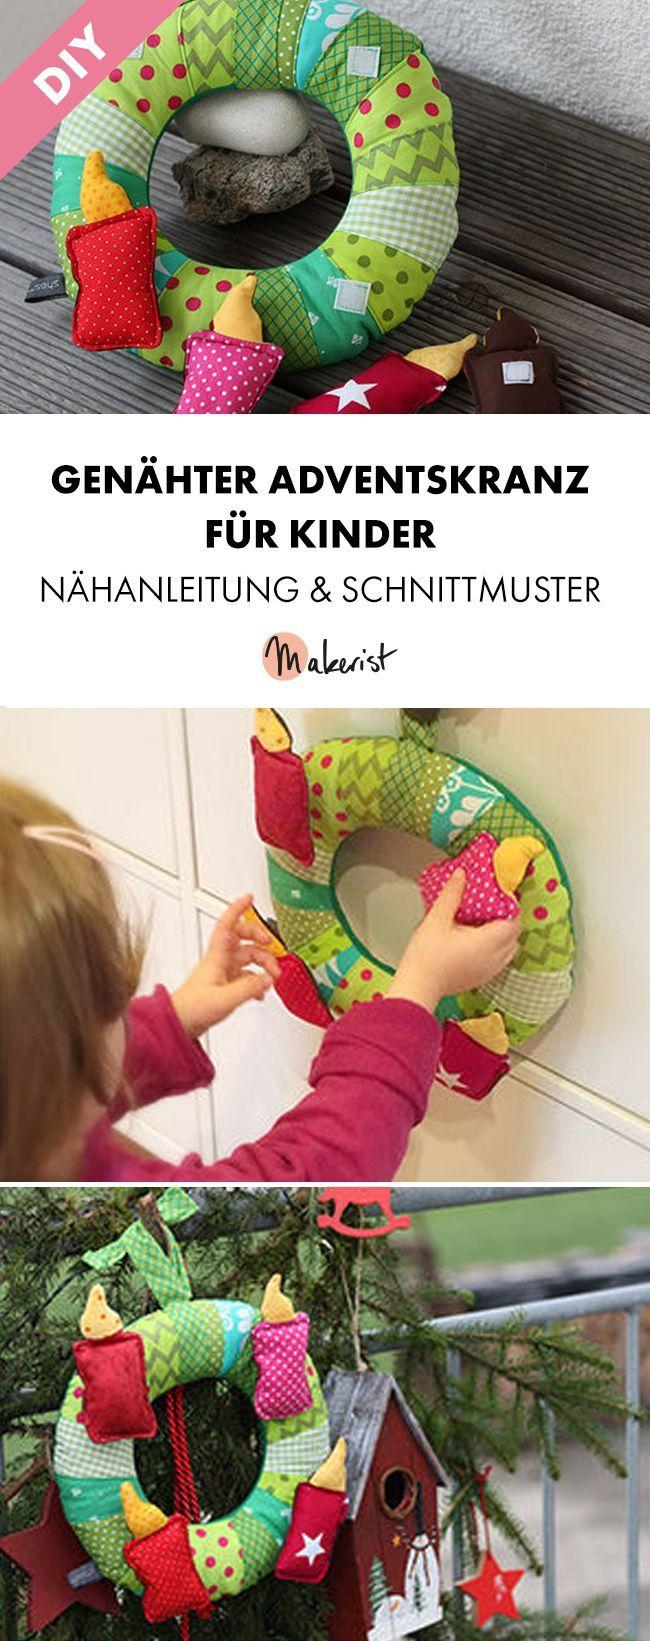 Adventskranz für Kinder 'Klett mal vier' (Nähanleitung und Schnittmuster)